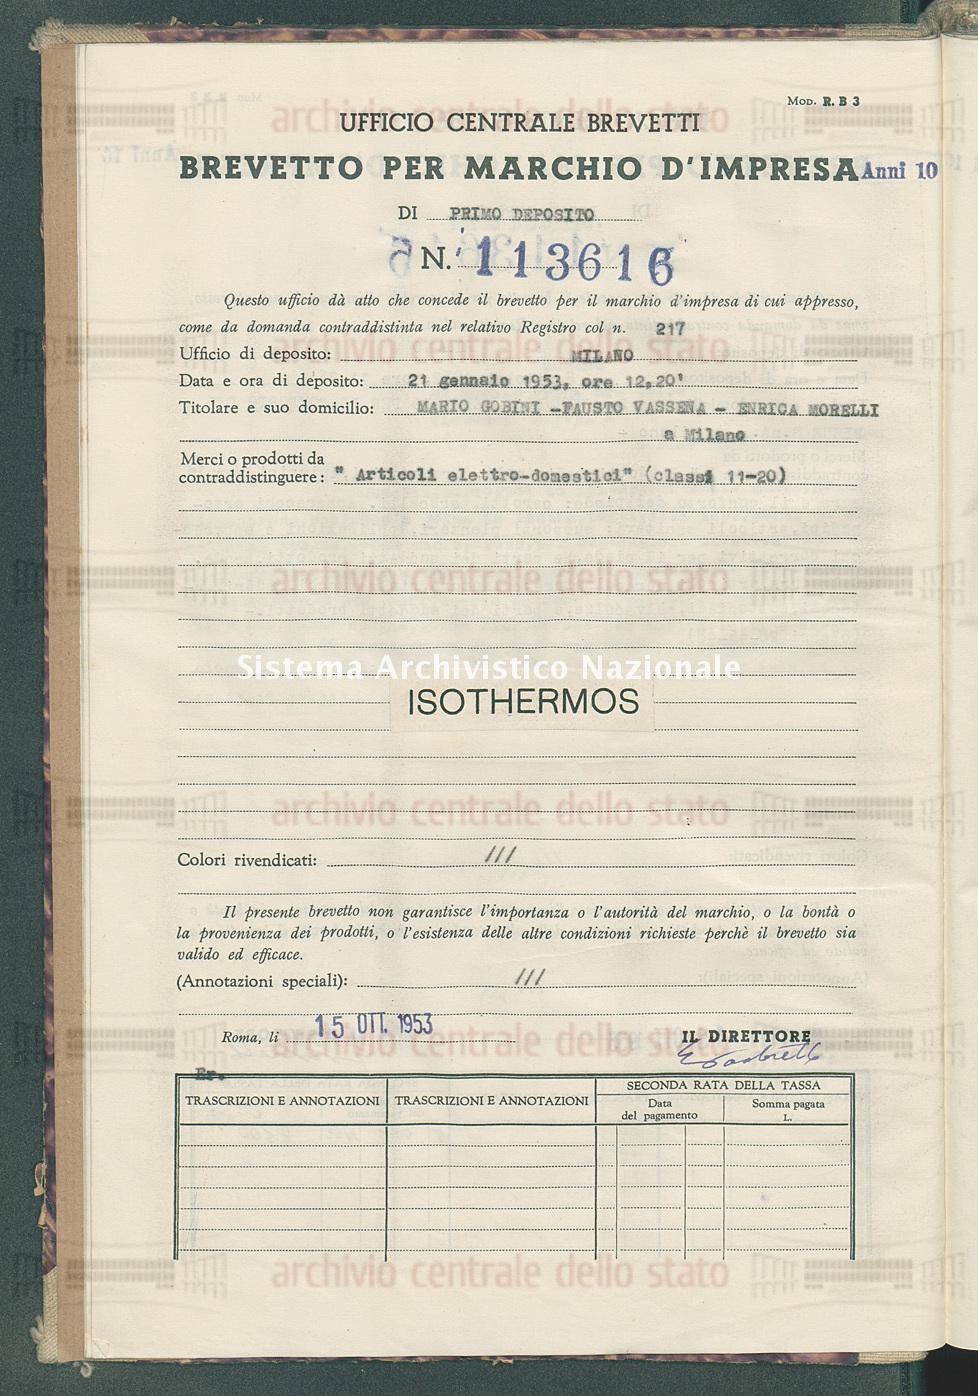 'Articoli elettro-domestici' Mario Gobini-Fausto Vassena-Enrica Morelli (15/10/1953)